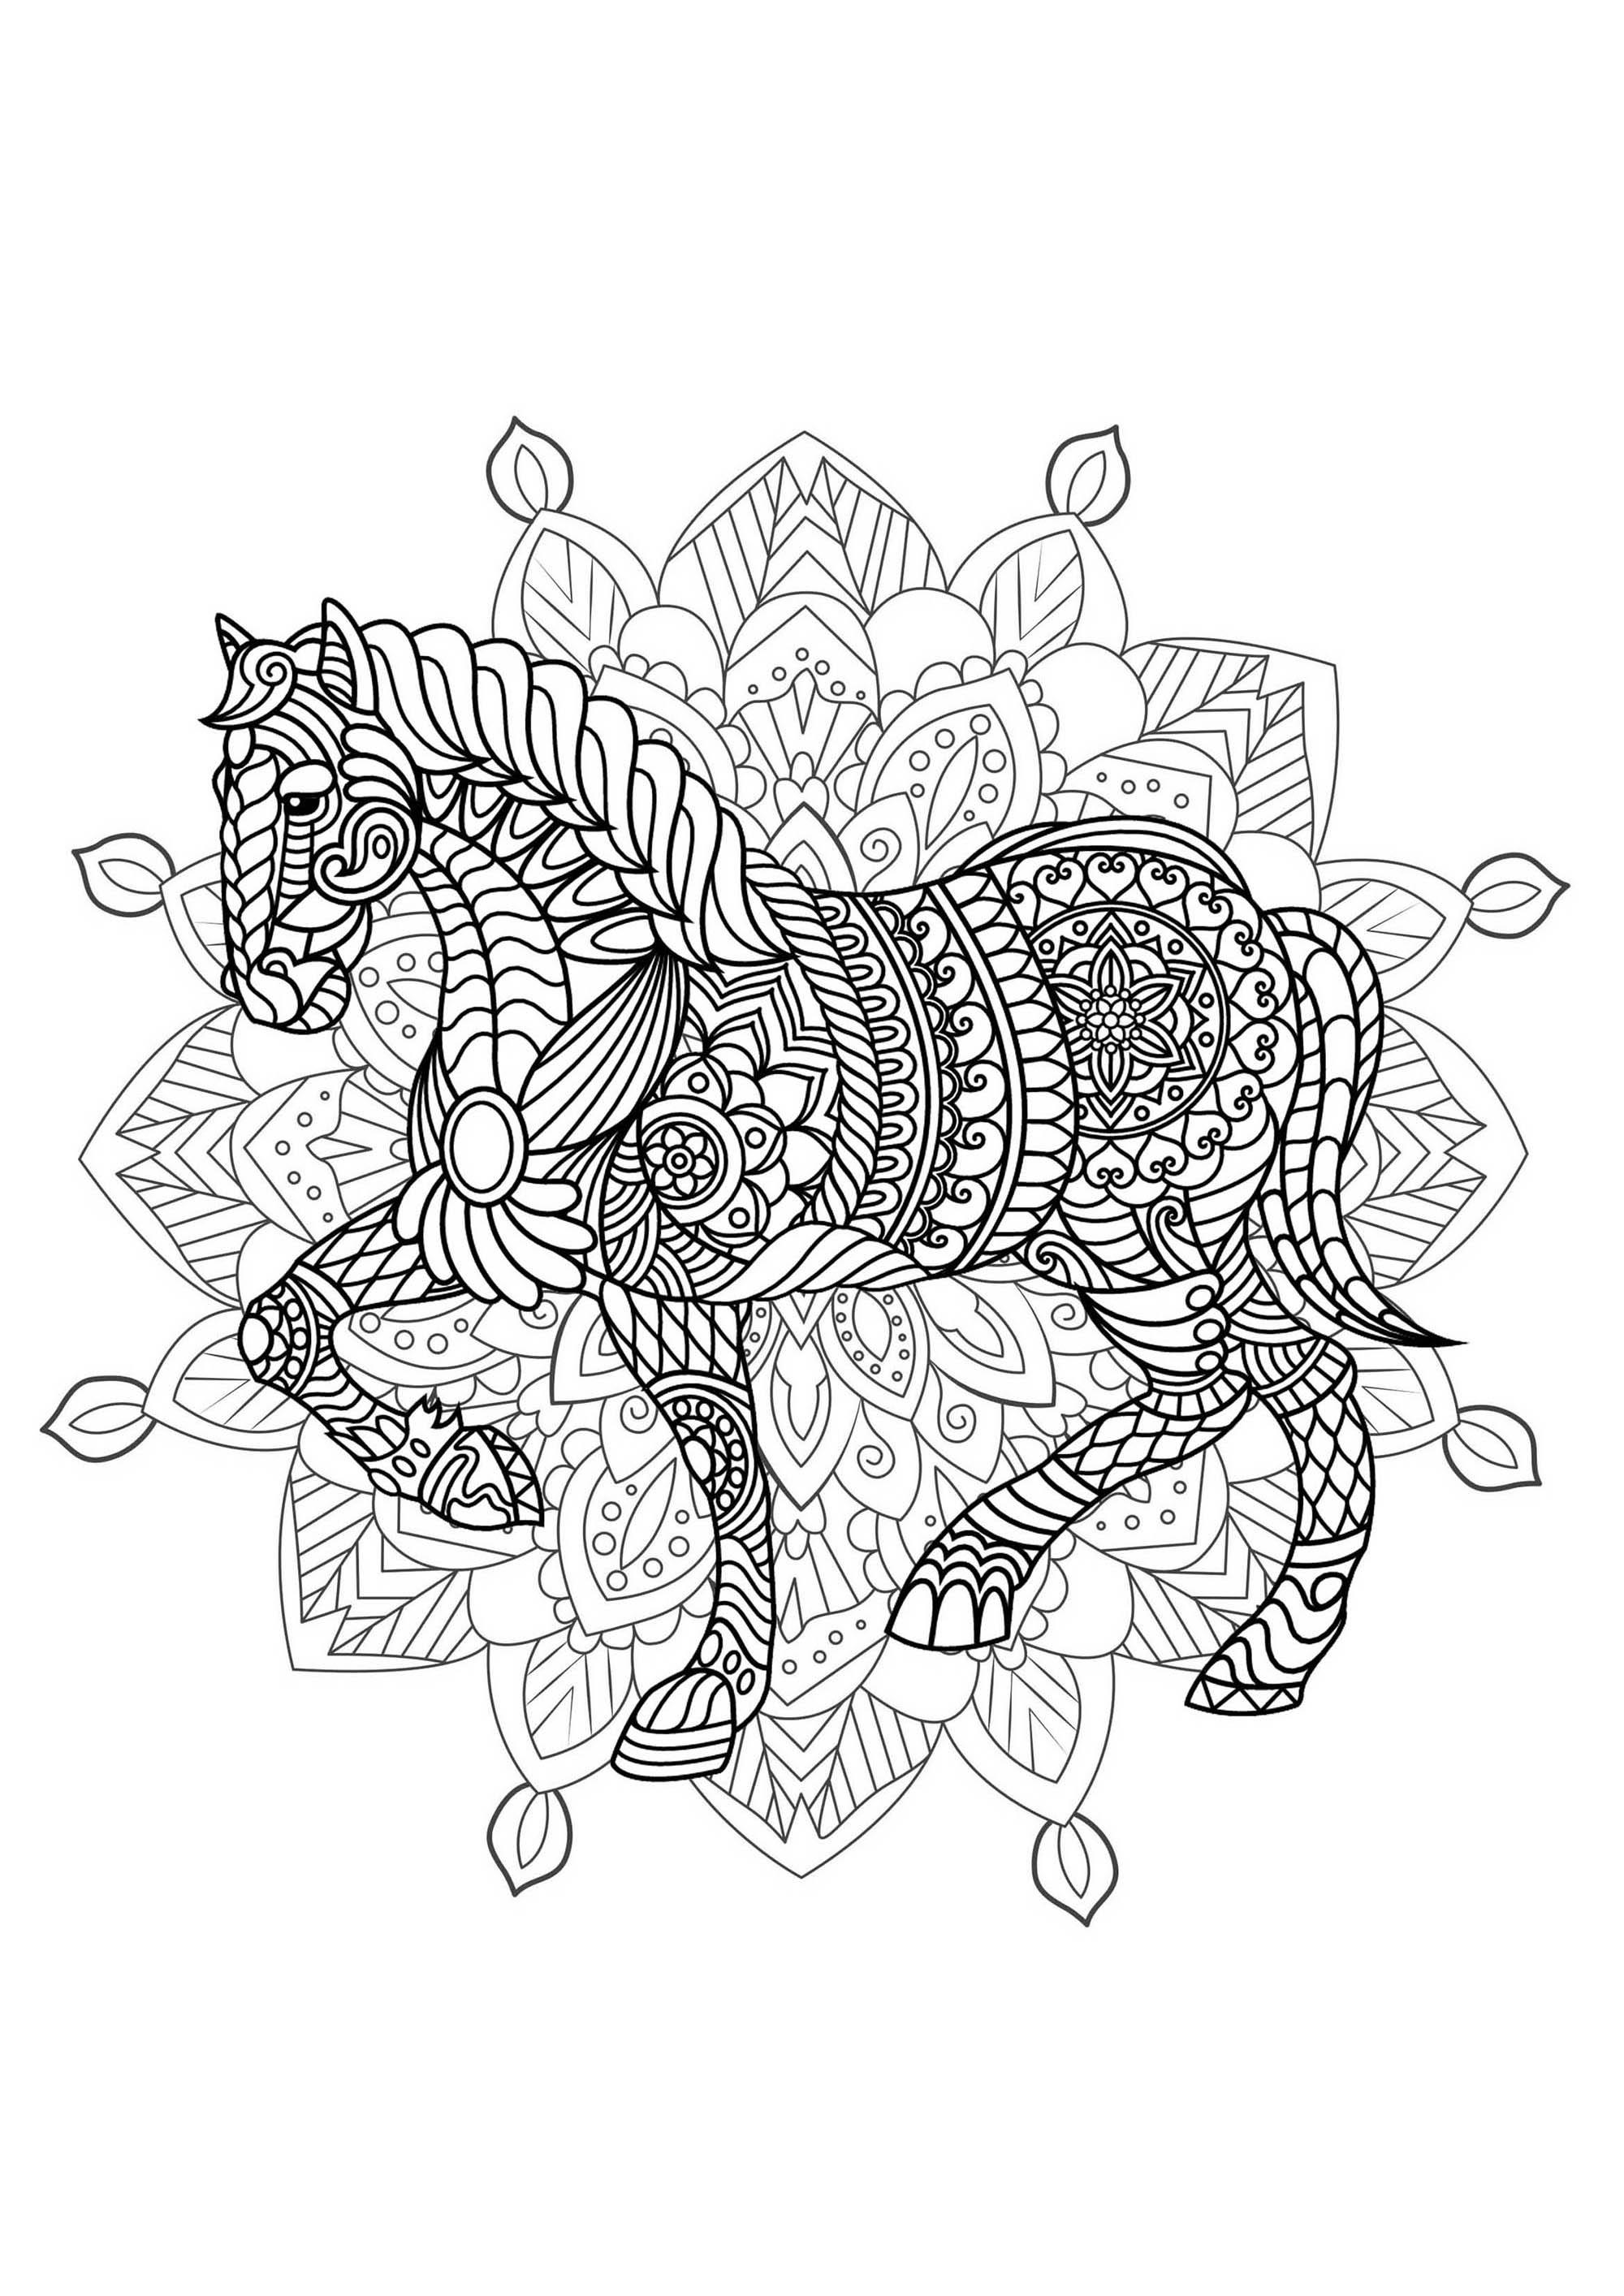 Mandala cheval 2 mandalas coloriages difficiles pour adultes - Dessin mandela ...